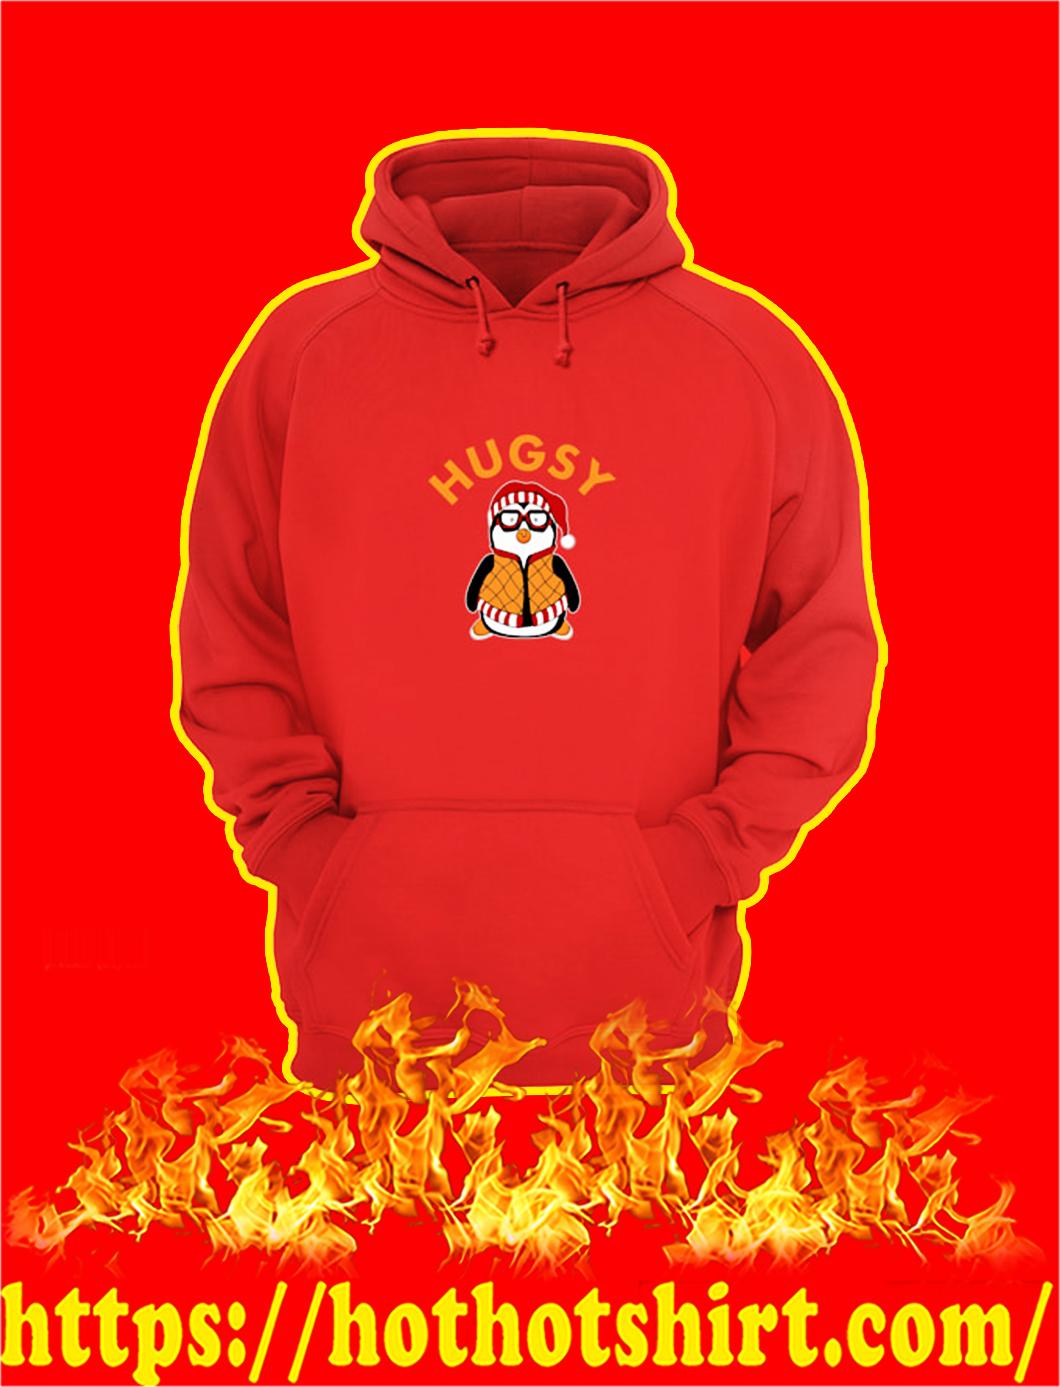 Joey's Hugsy Friends hoodie